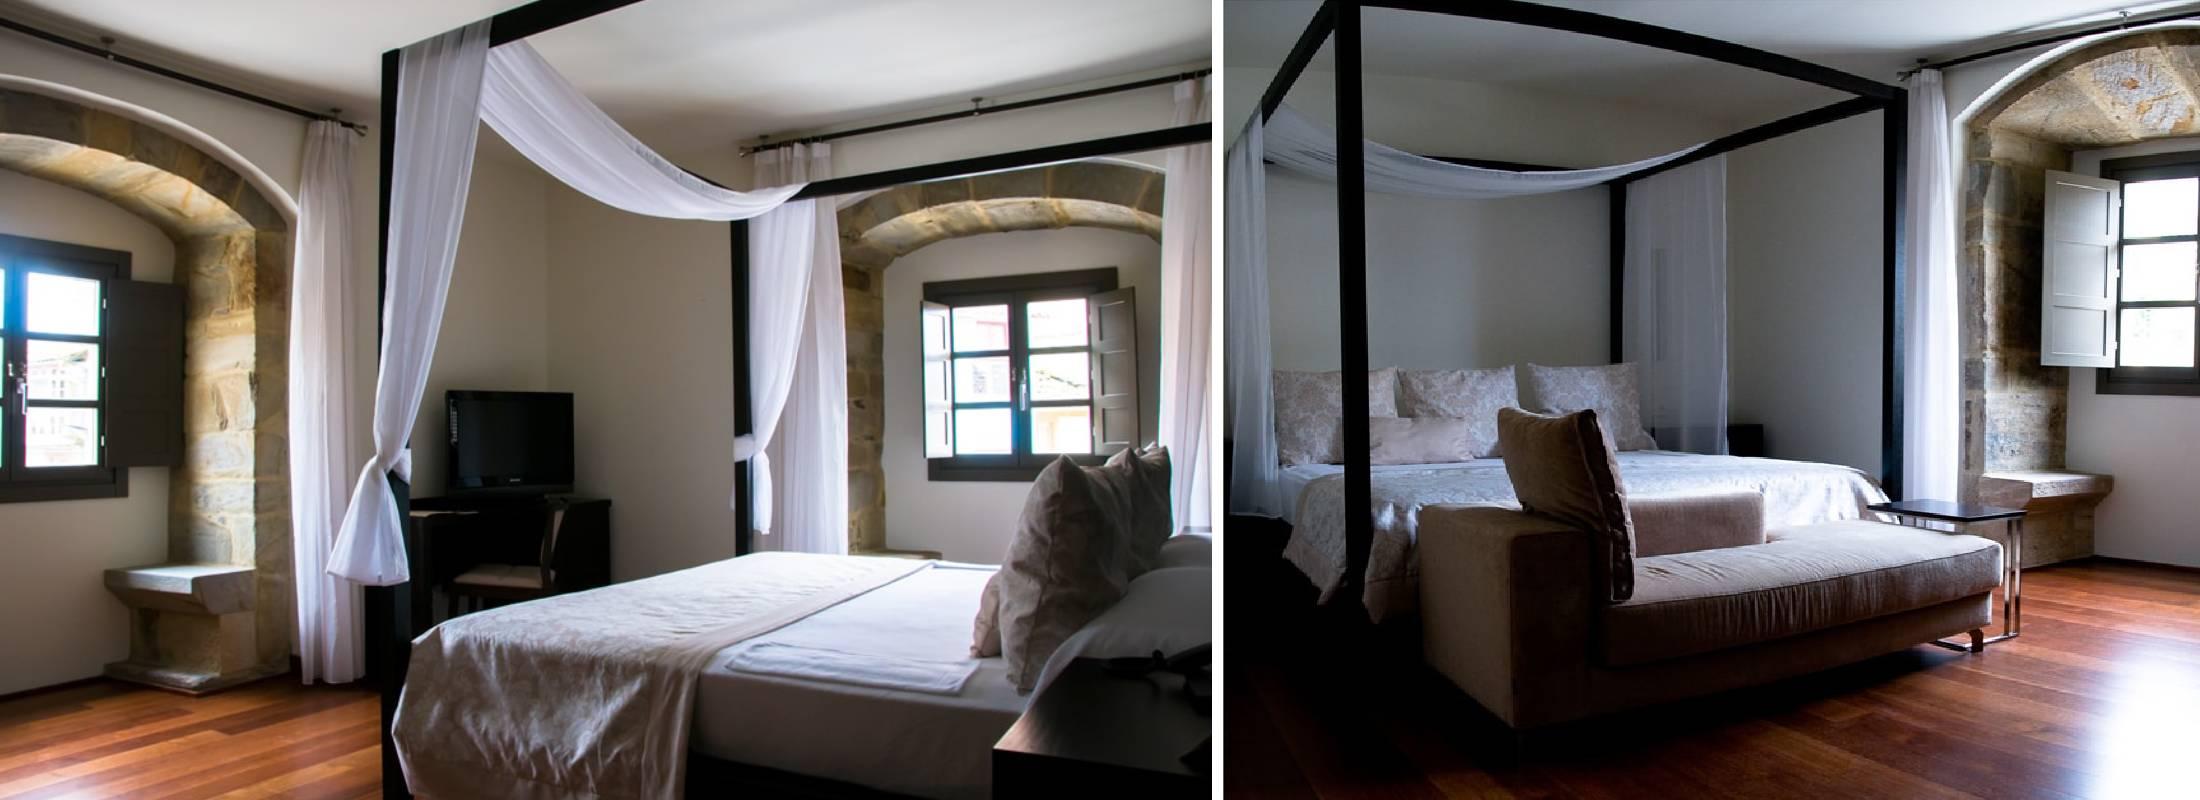 Alojamiento en Asturias en plena naturaleza